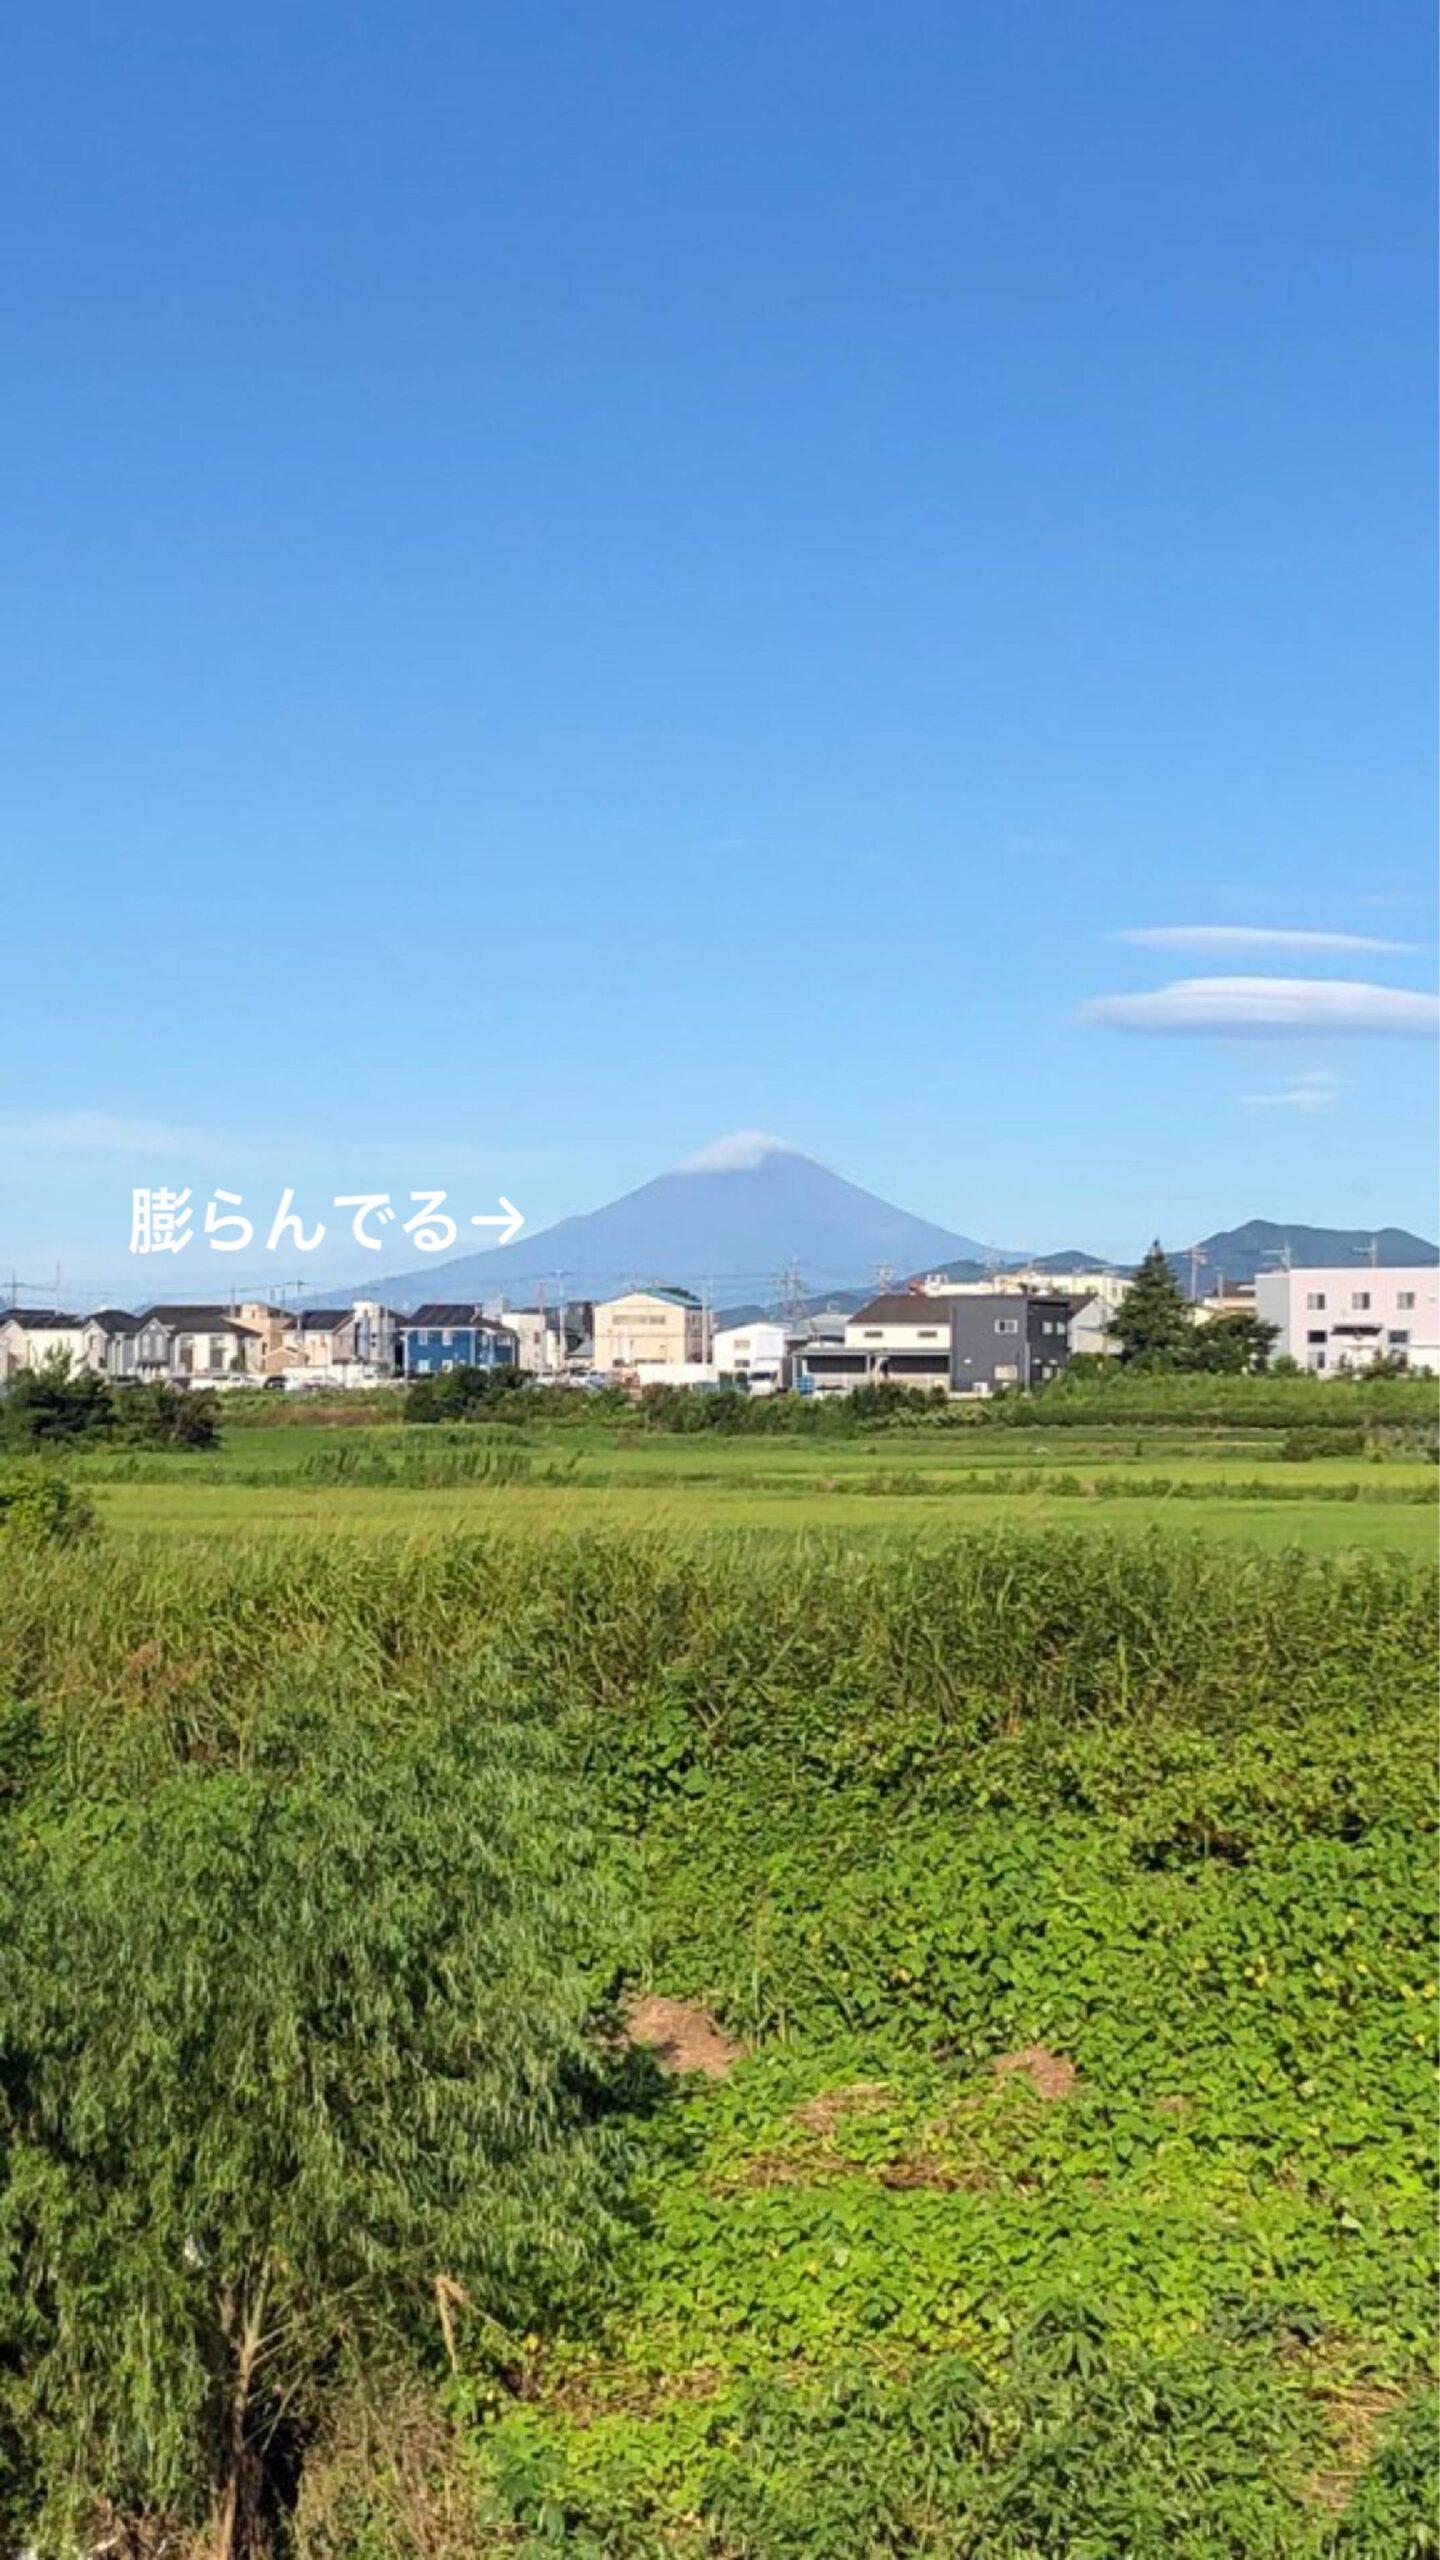 現在の富士山 膨らんできてる噴火する(画像あり)